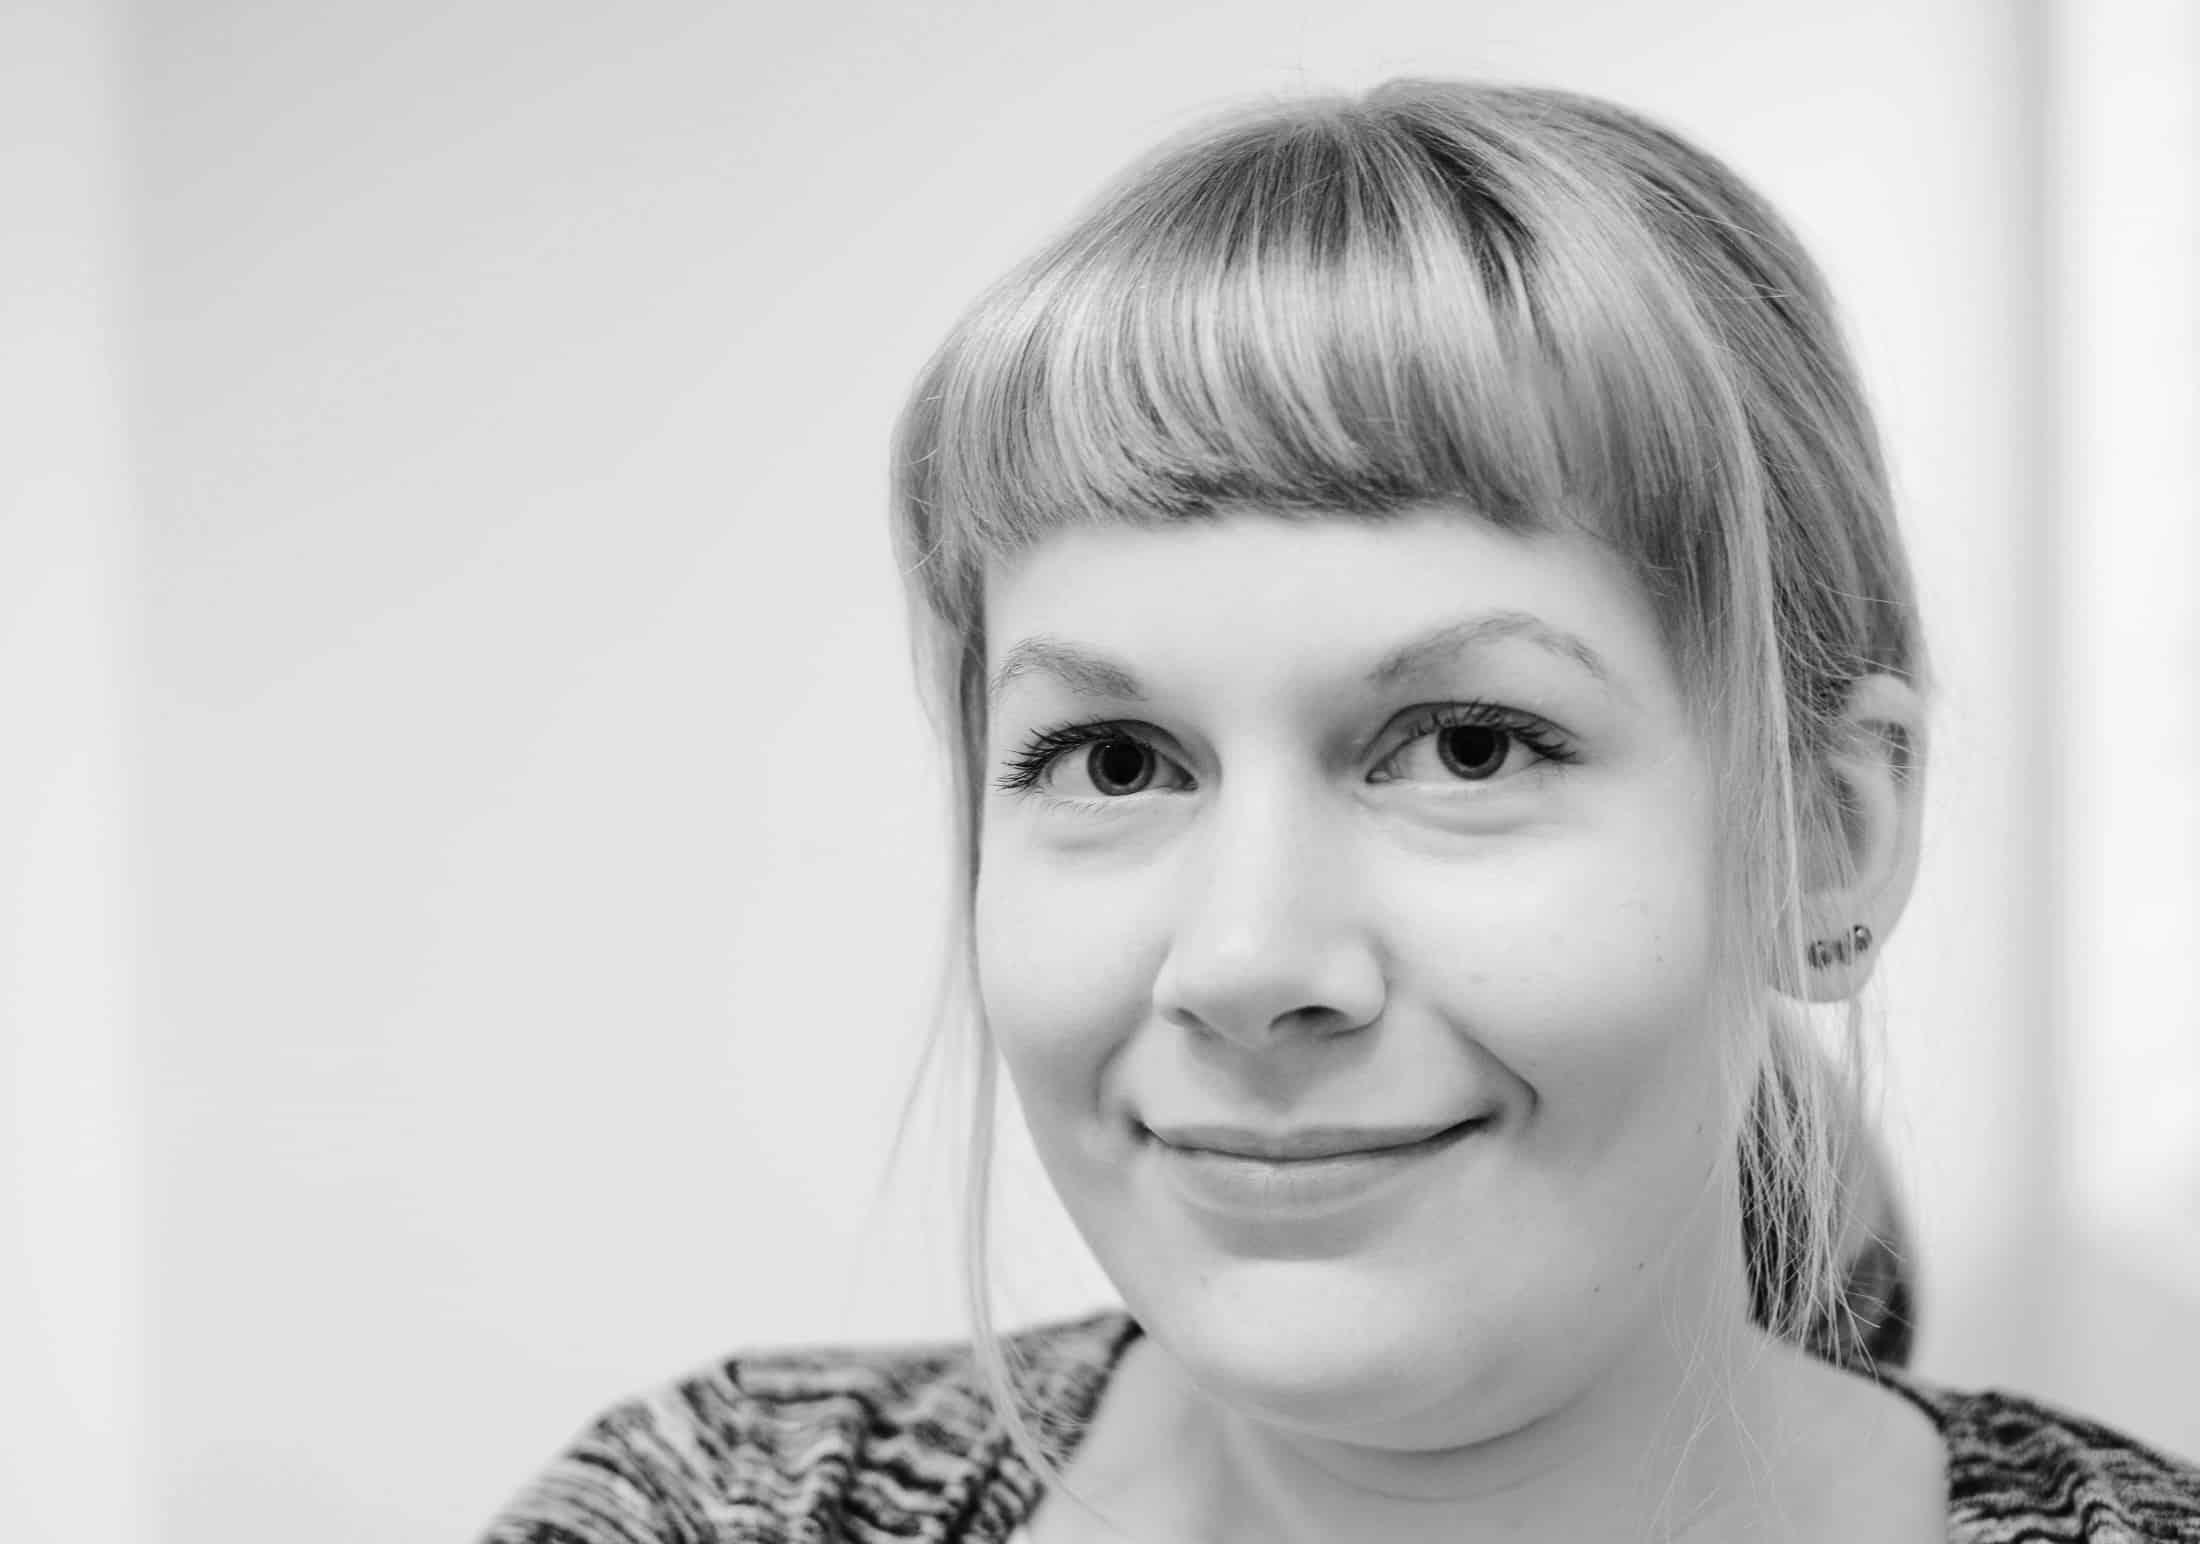 Spezialisten für mobile Softwarelösungen setzen weiterhin auf Wachstum Mit Karen Schwane geht ein weiterer Android Developer an den Start.